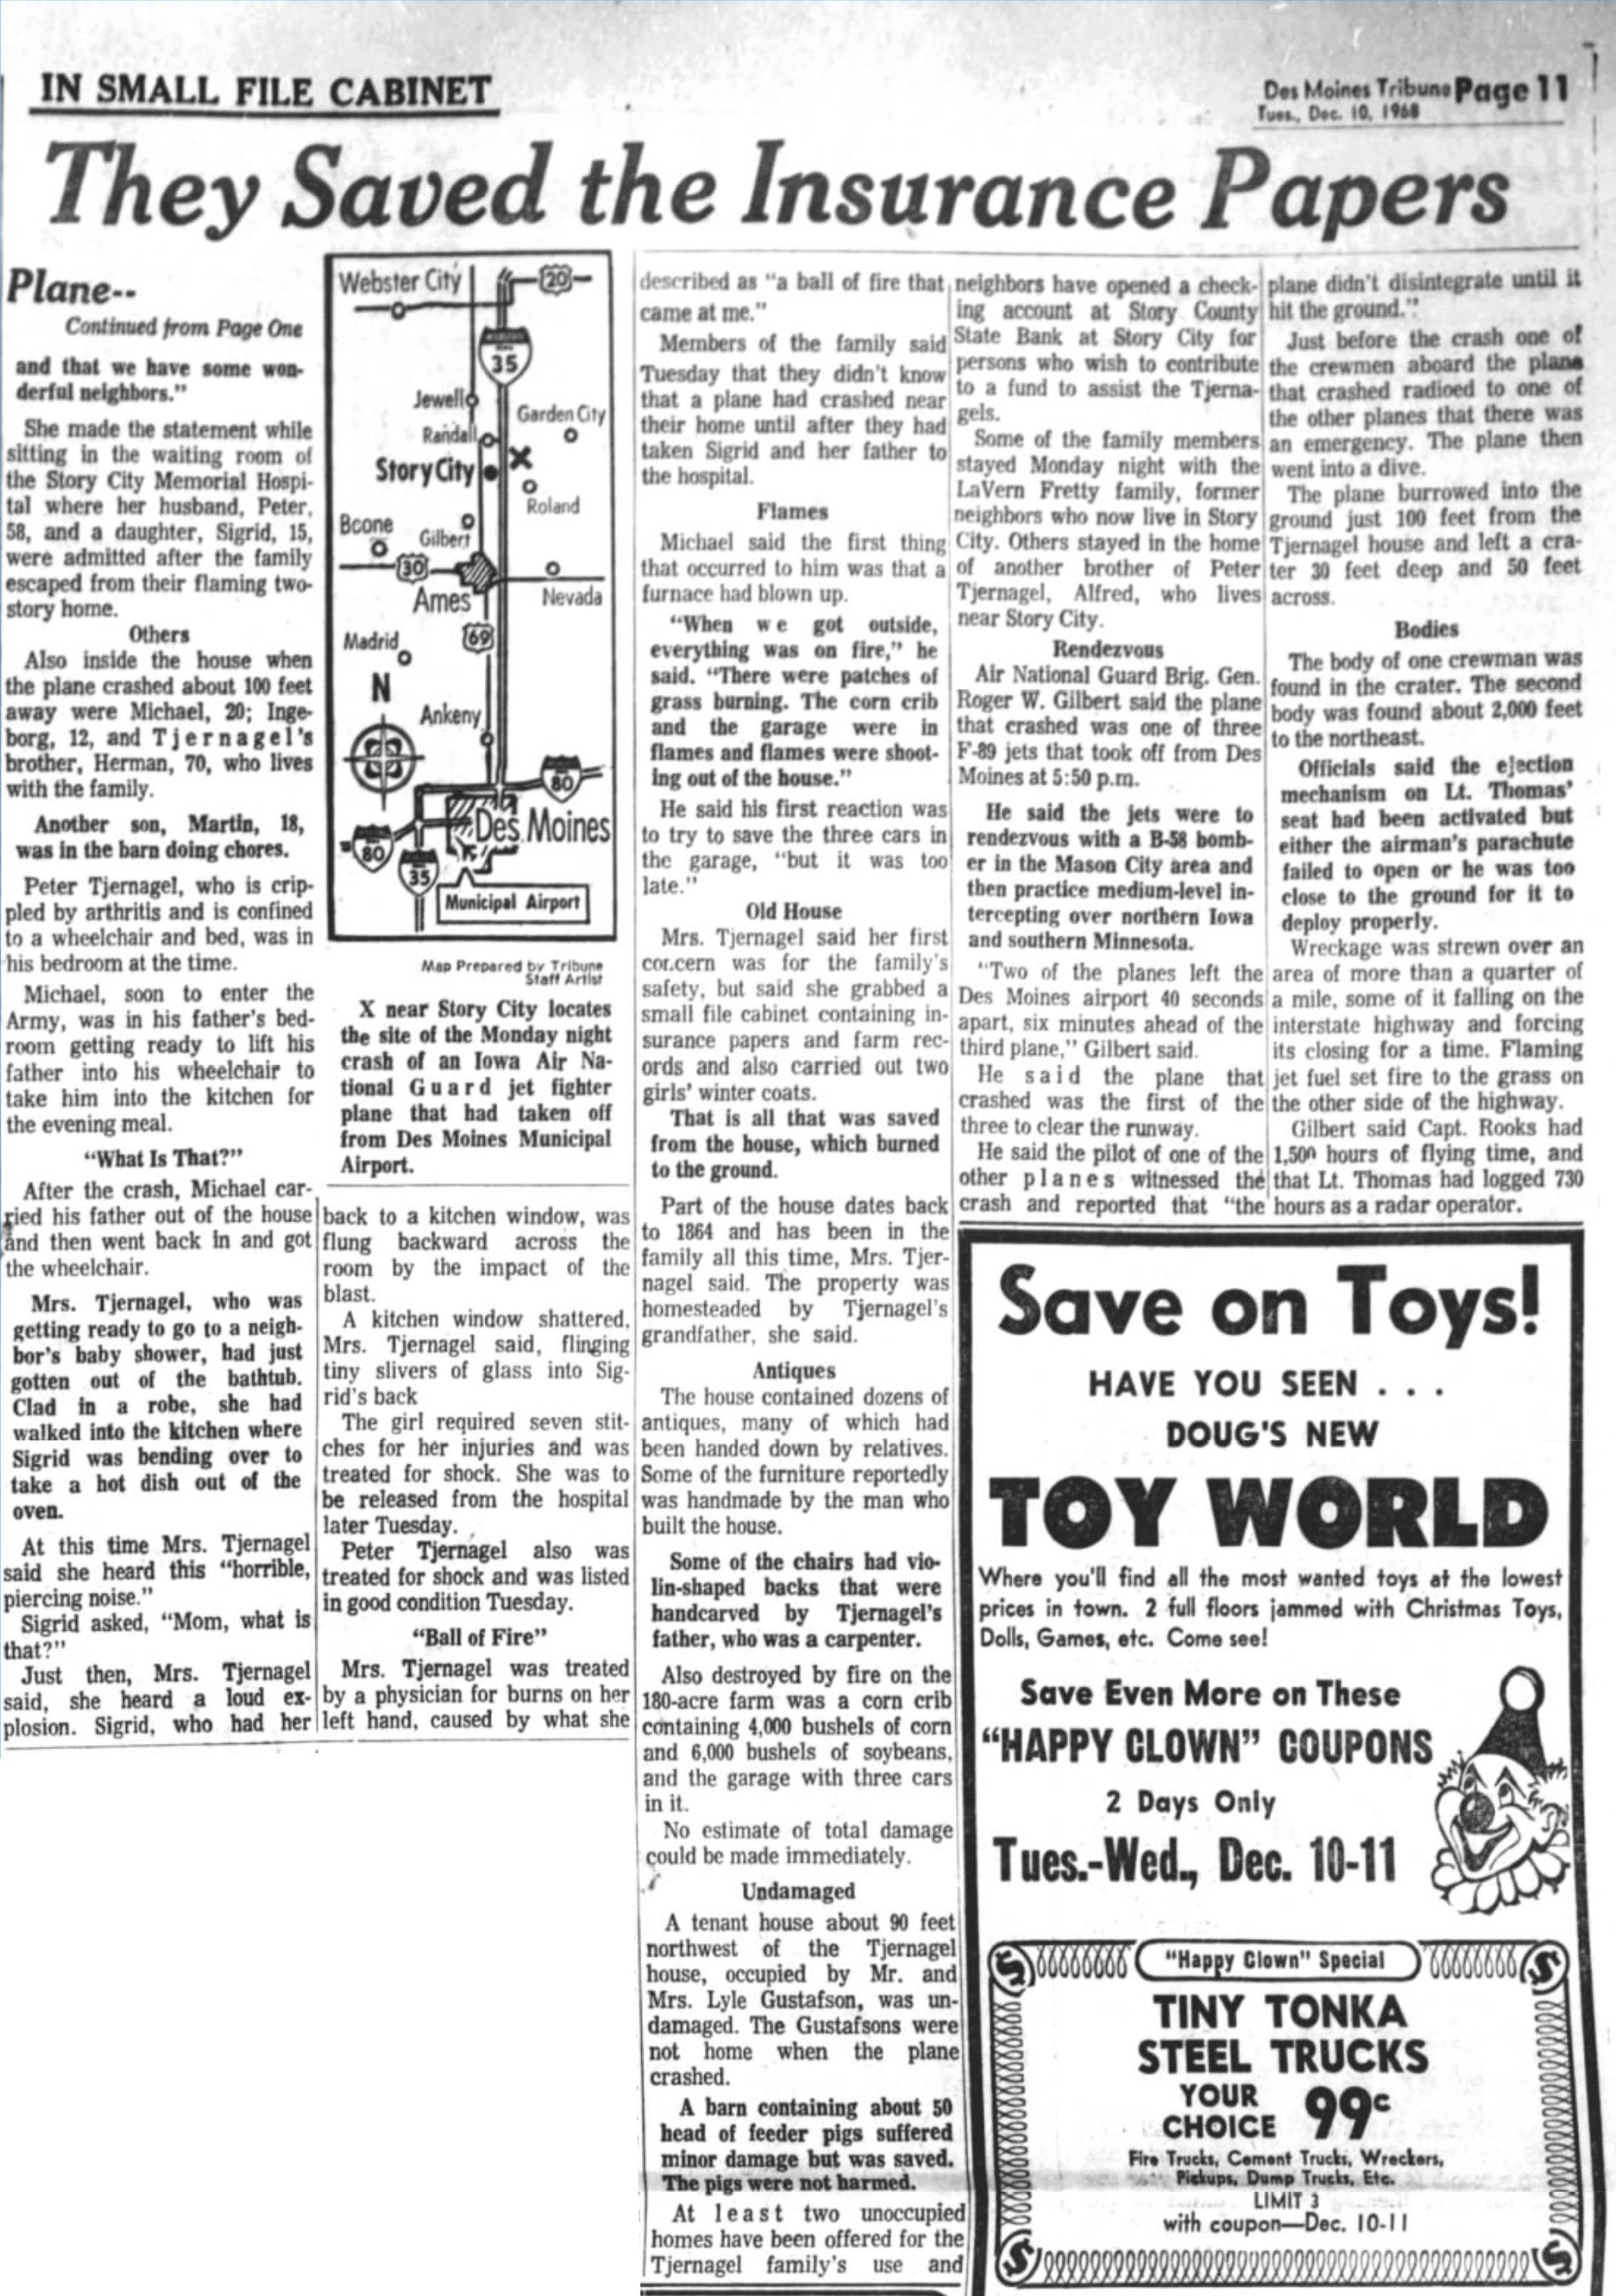 Des-Moines-Tribune-12-10-68-p11.jpg